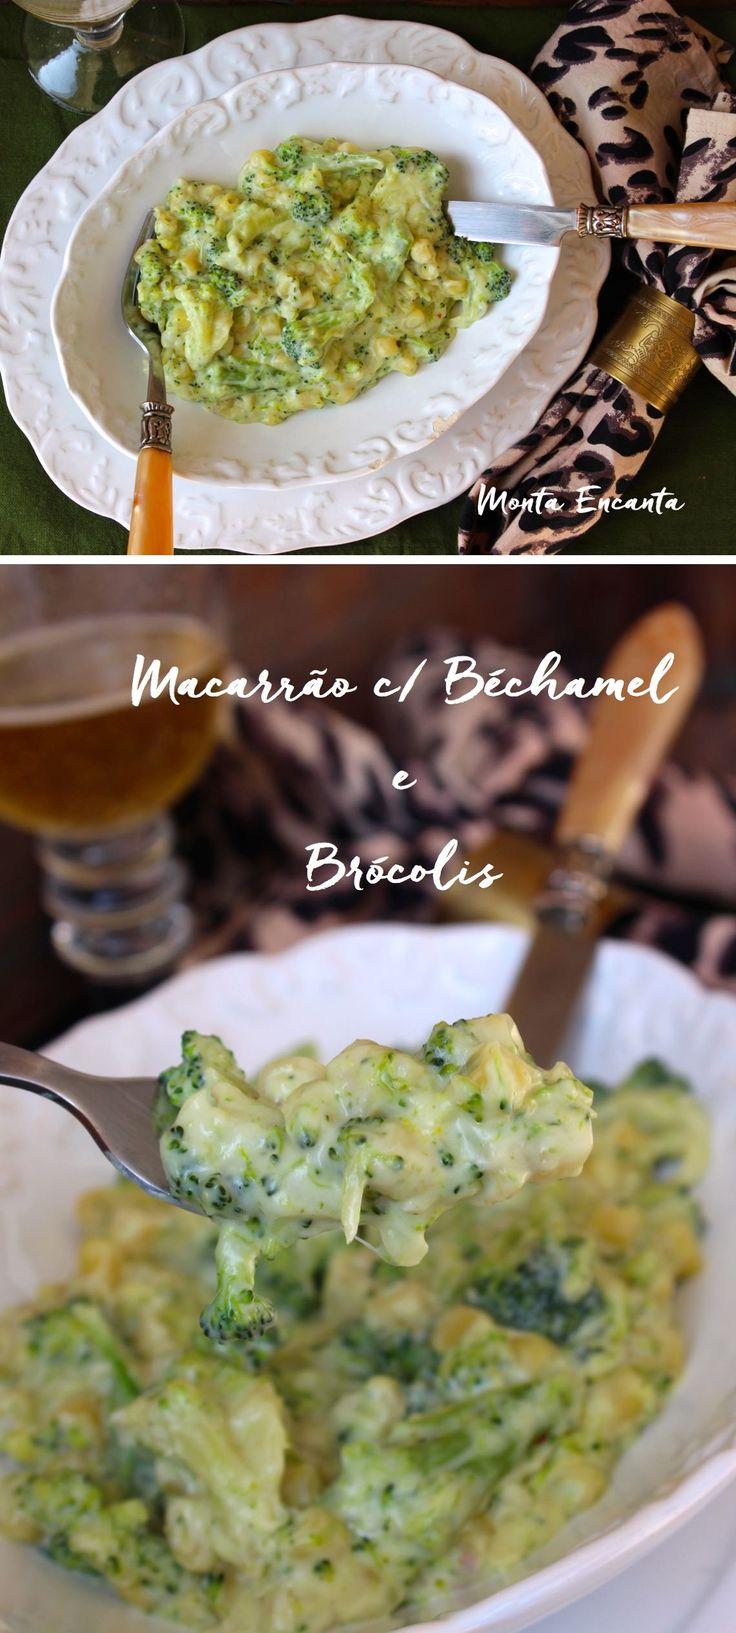 Macarrão com Béchamel e Brócolis, o macarrão é de sopa e cozido no próprio molho, ao modo risotado, absorvendo todos os sabores durante o cozimento!